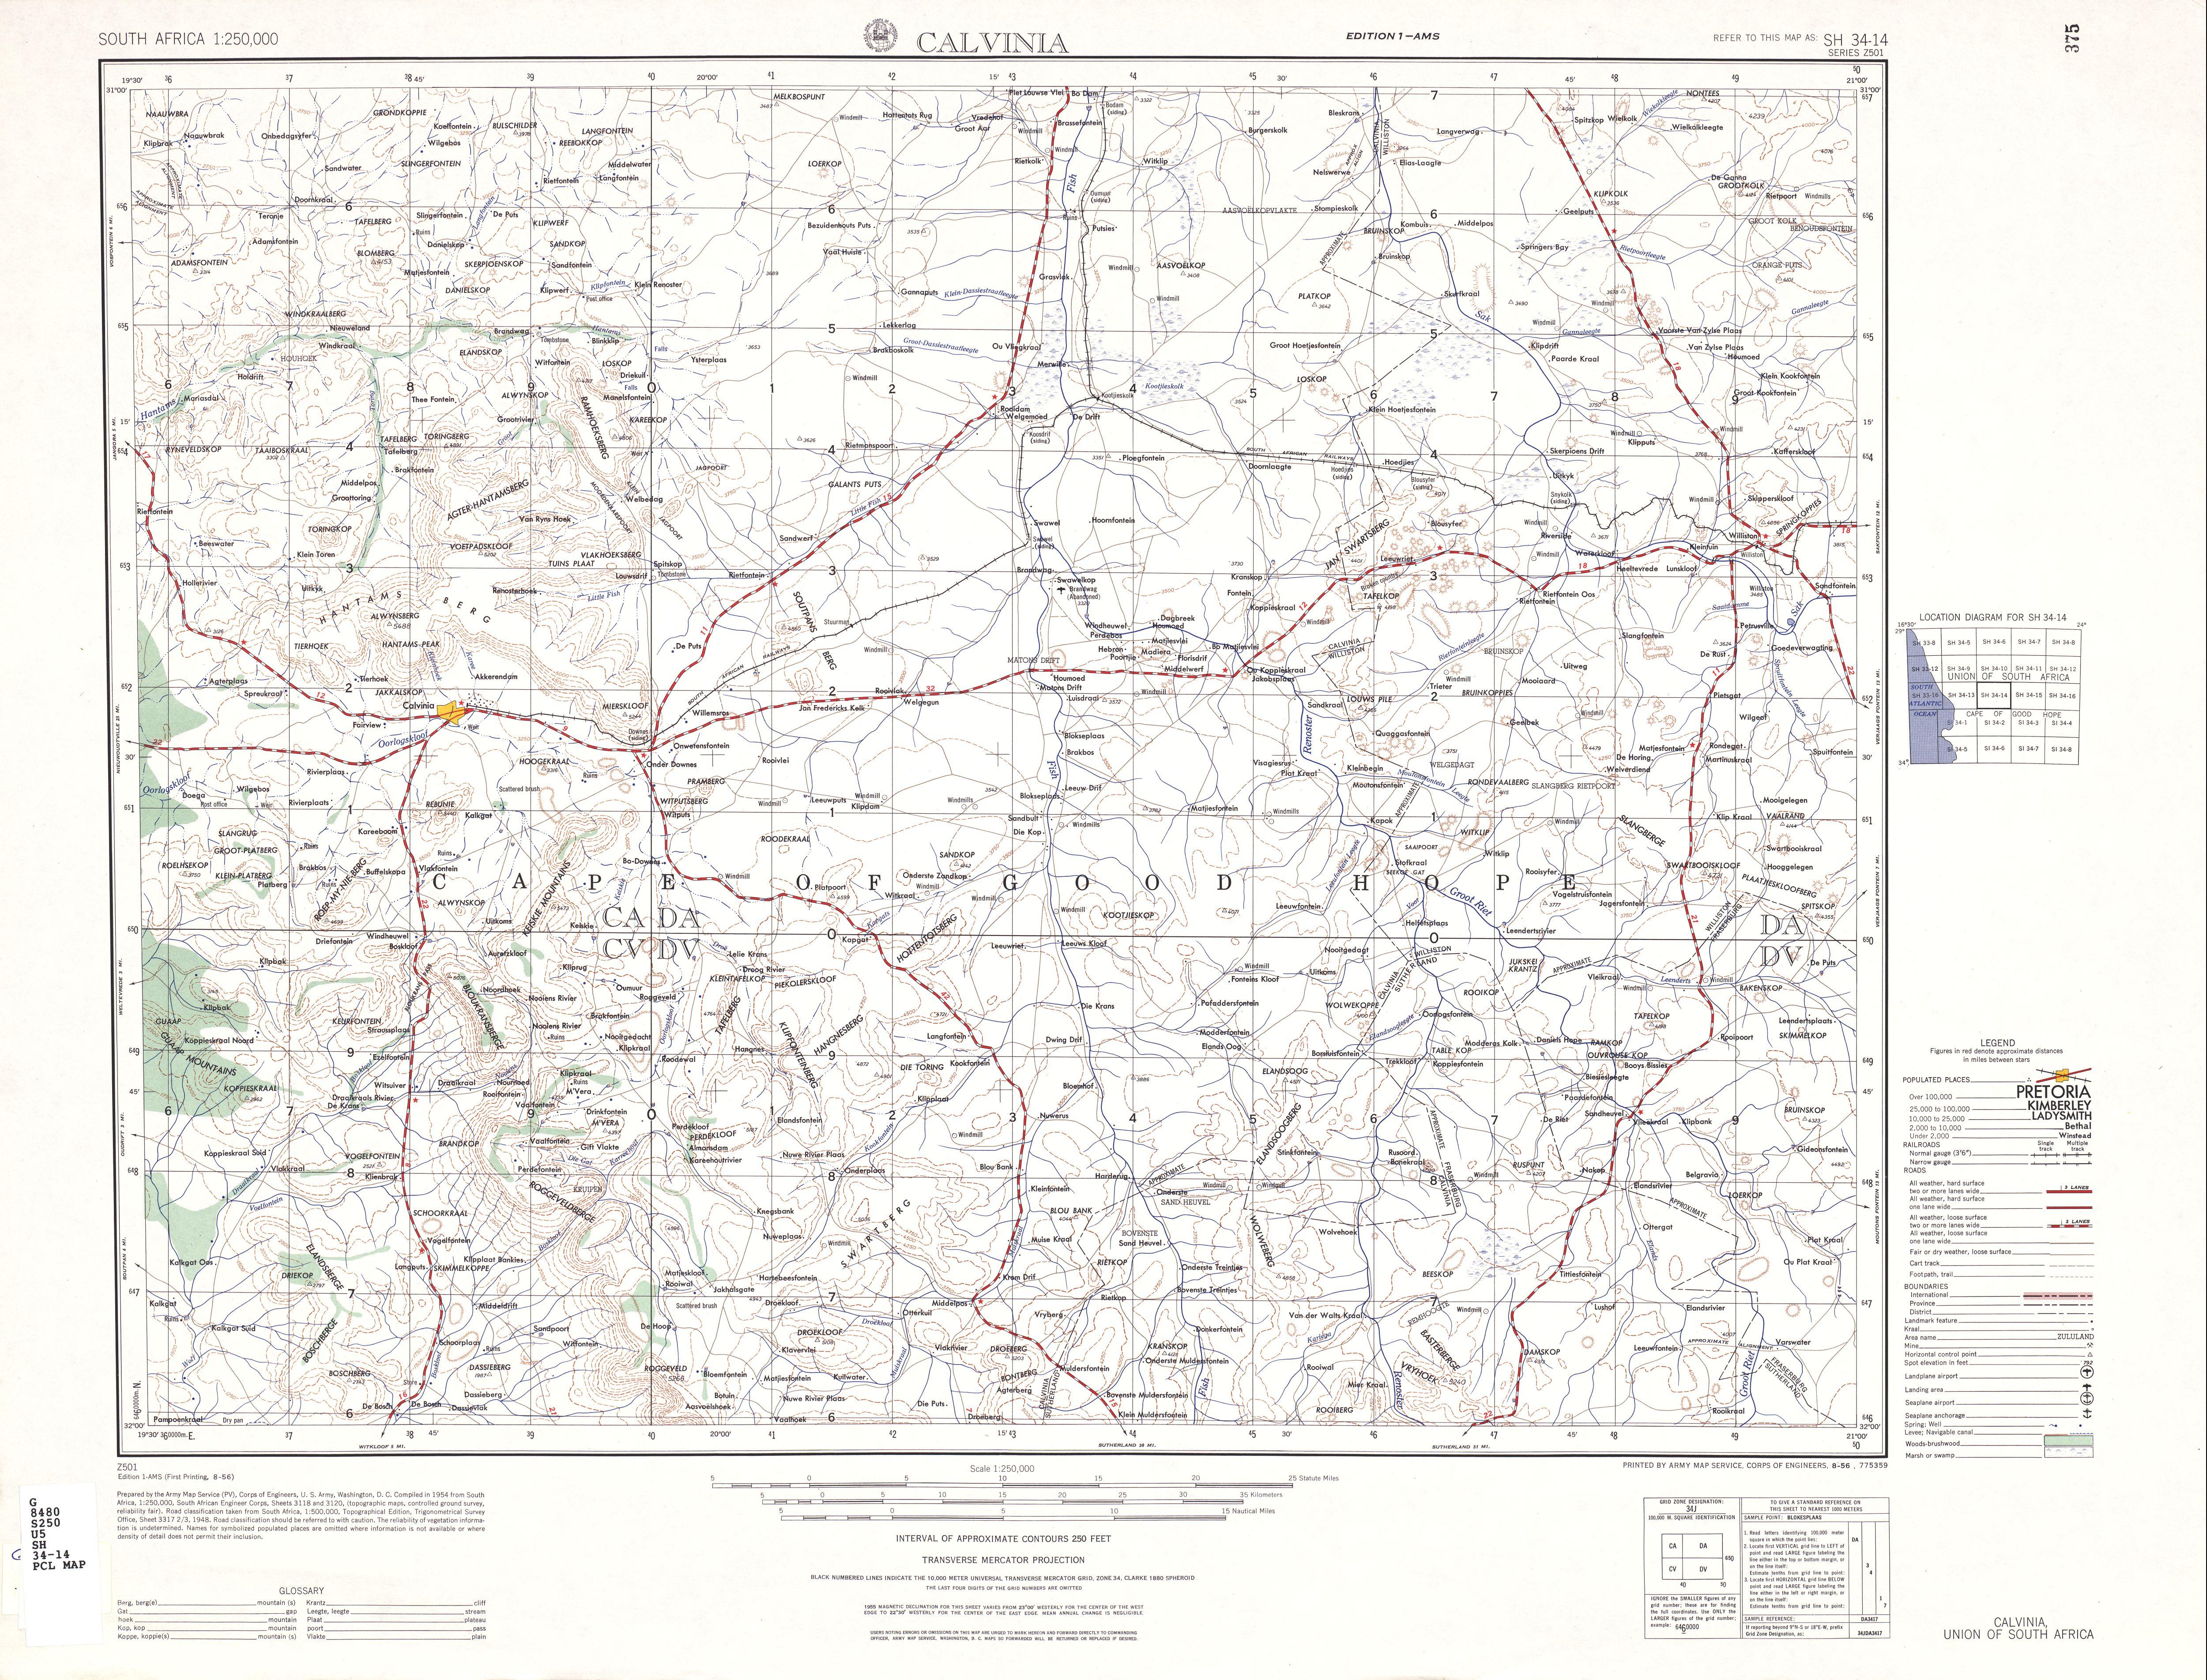 Hoja Calvinia del Mapa Topográfico de África Meridional 1954